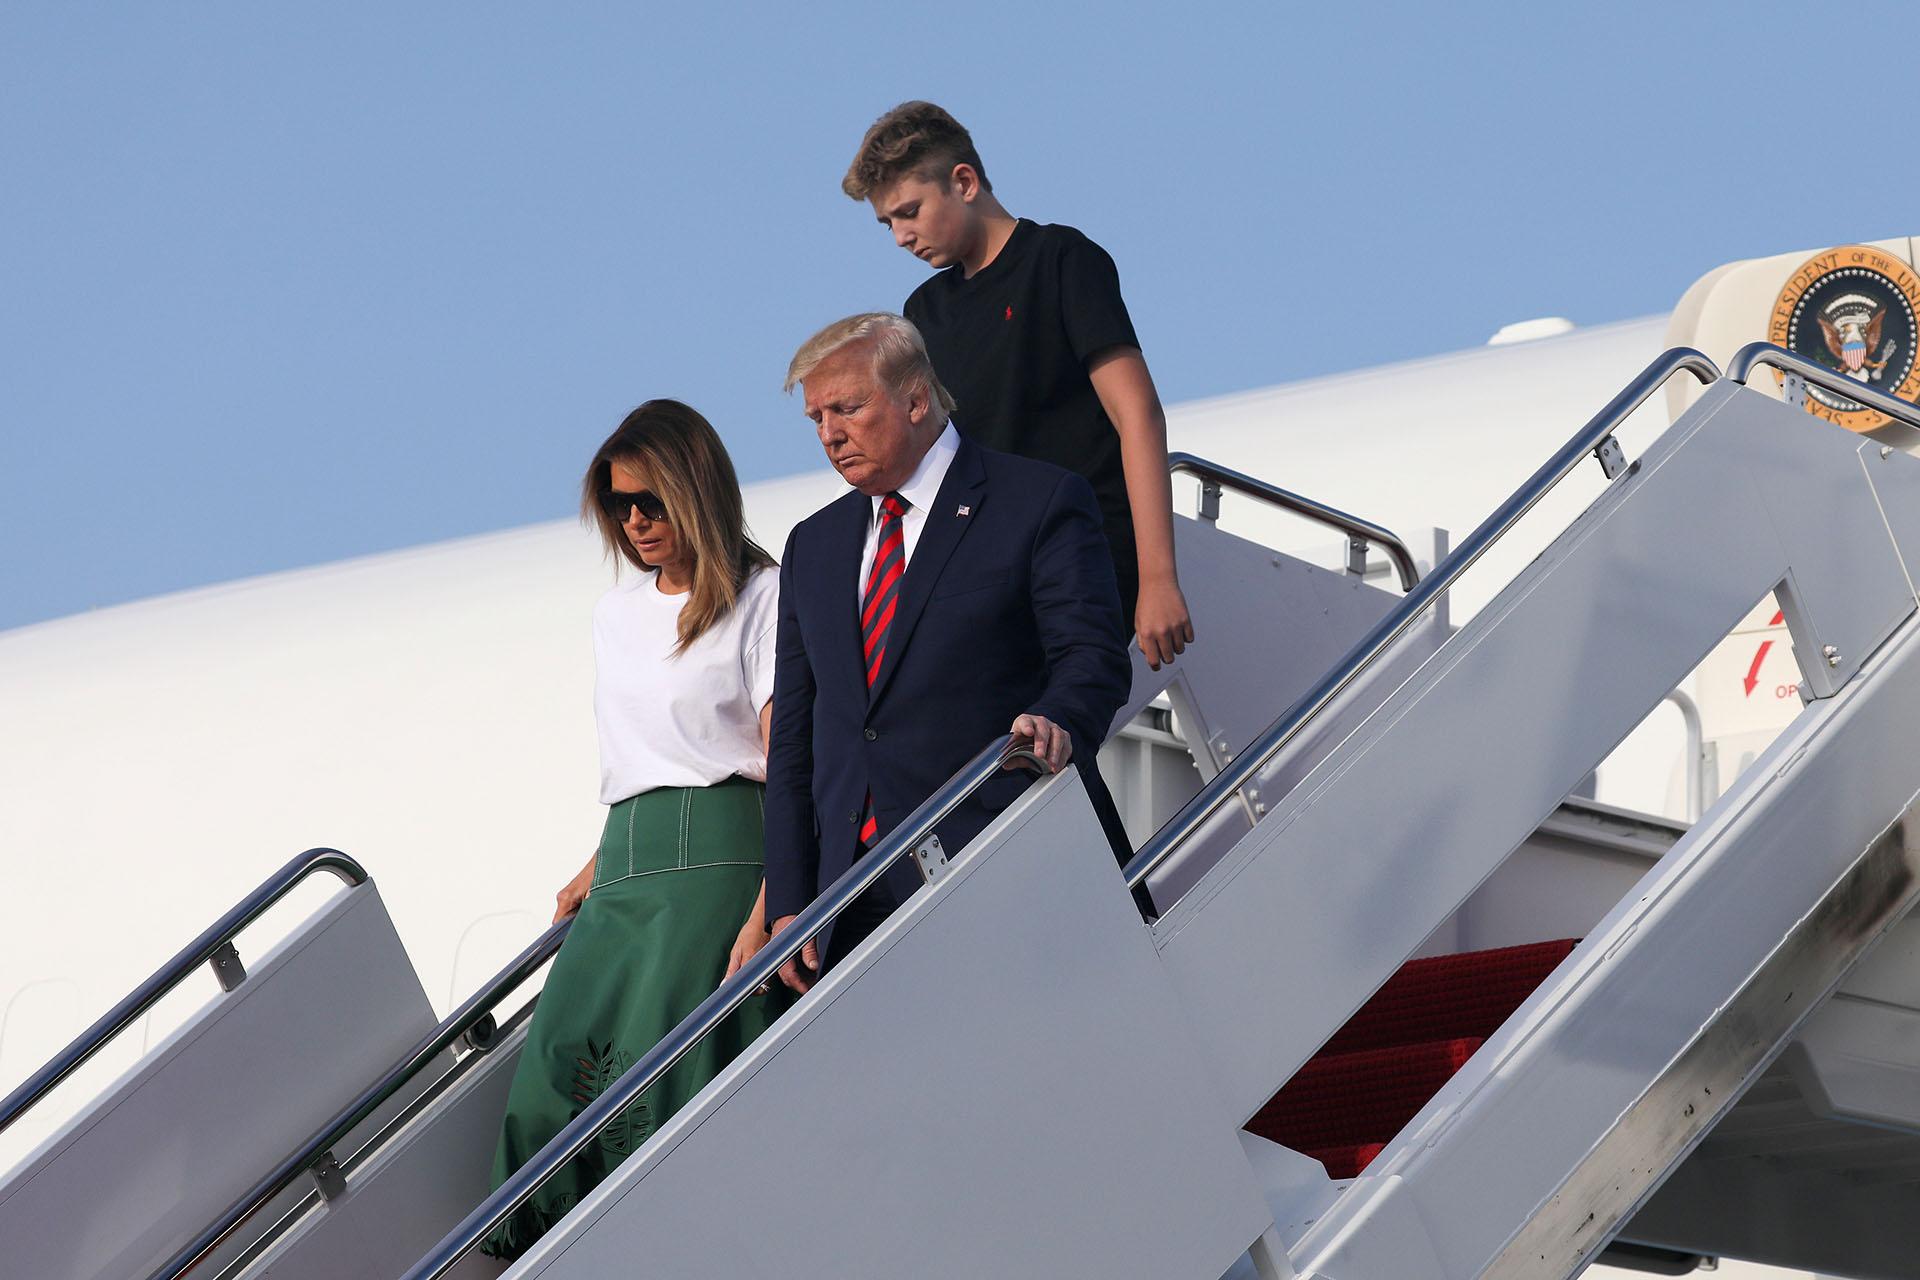 La primera dama de Estados Unidos eligió un look sofisticado para el regresoa la Casa Blanca